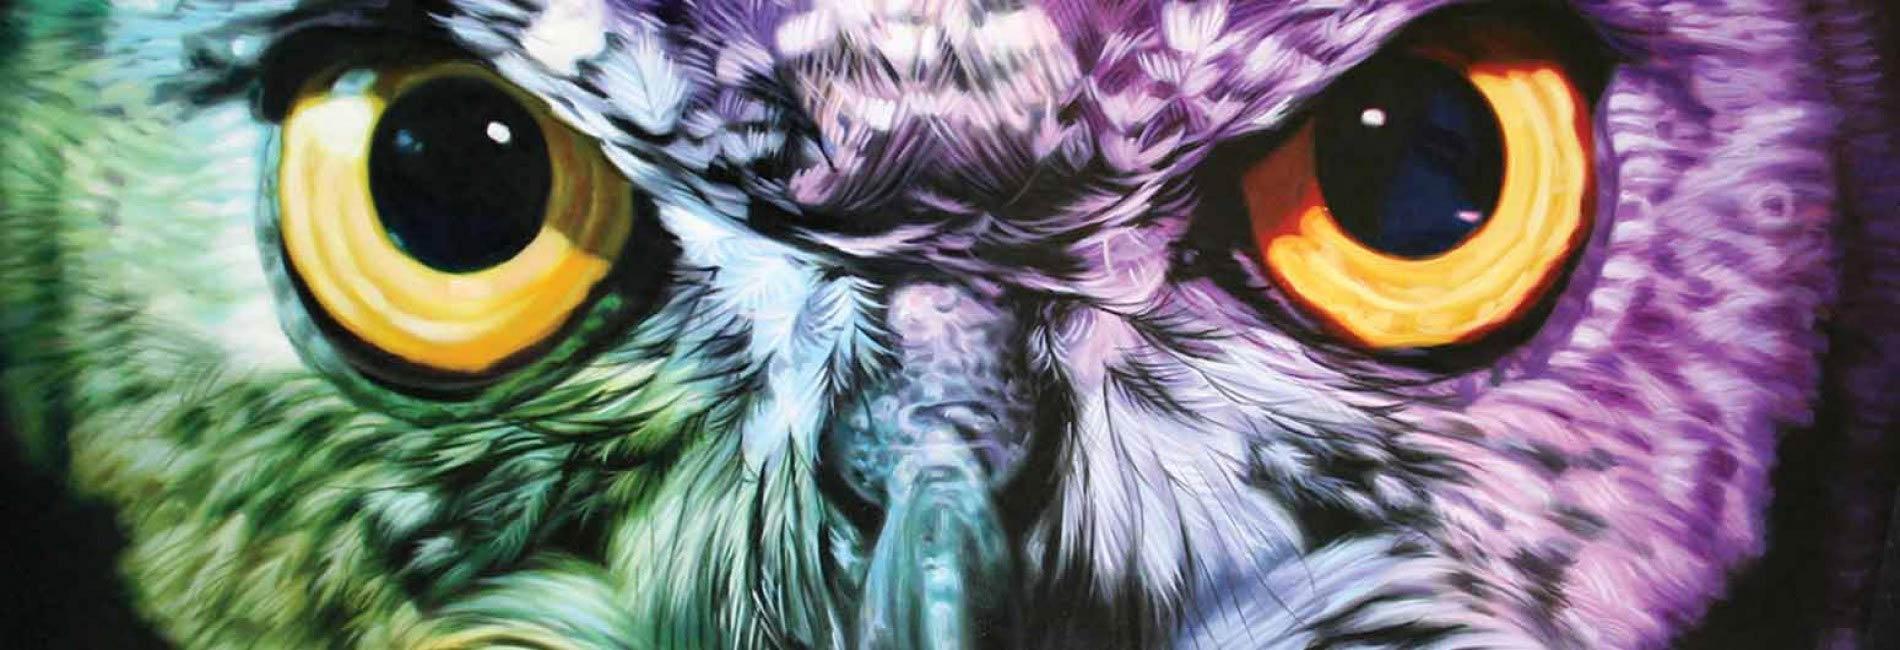 malerier_kunst_maleri_moderne-kunst_malerier-til-salg-abstrakte-malerier-15